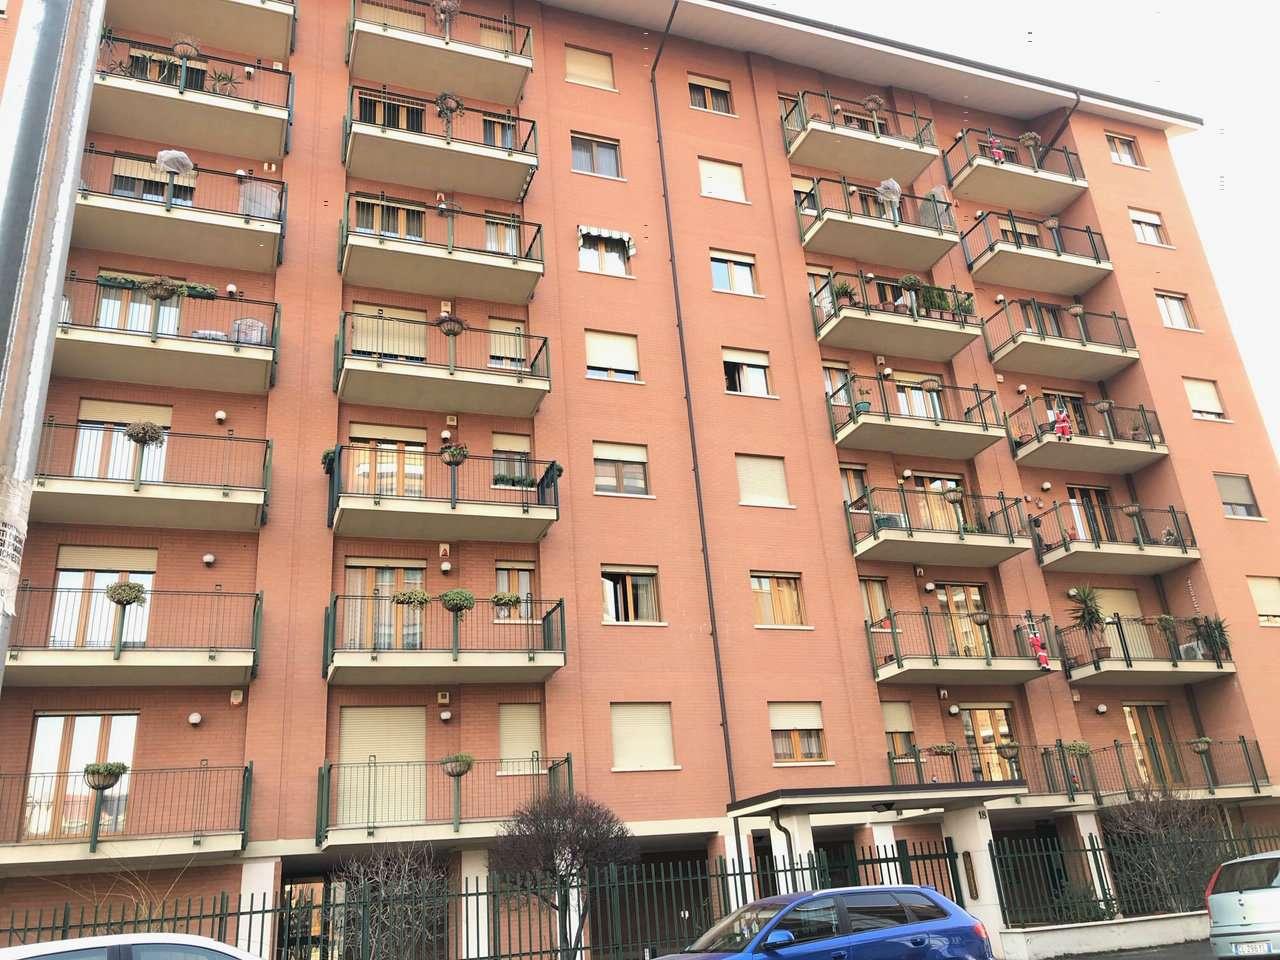 Appartamento in vendita Zona Madonna di Campagna, Borgo Vittoria... - via SPARONE 18 Torino